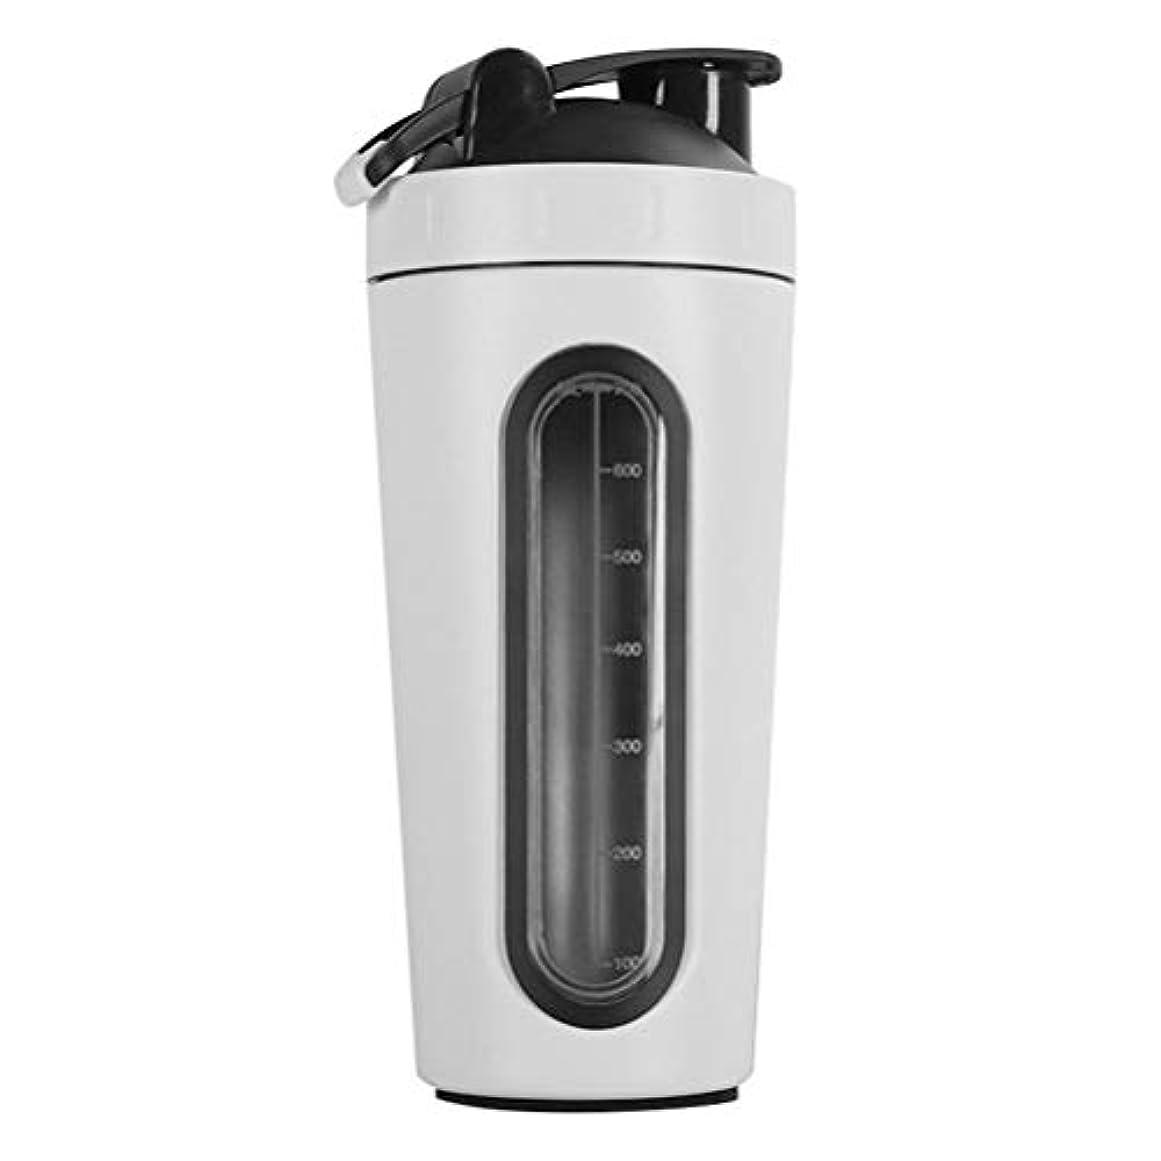 名詞環境飛行機Erose-BD 2019新型 304ステンレスプロテインシェイカーボトル プロテインシェイカー シェイカー ボトル 水筒 ウォーターボトル (800ml) 1個 白